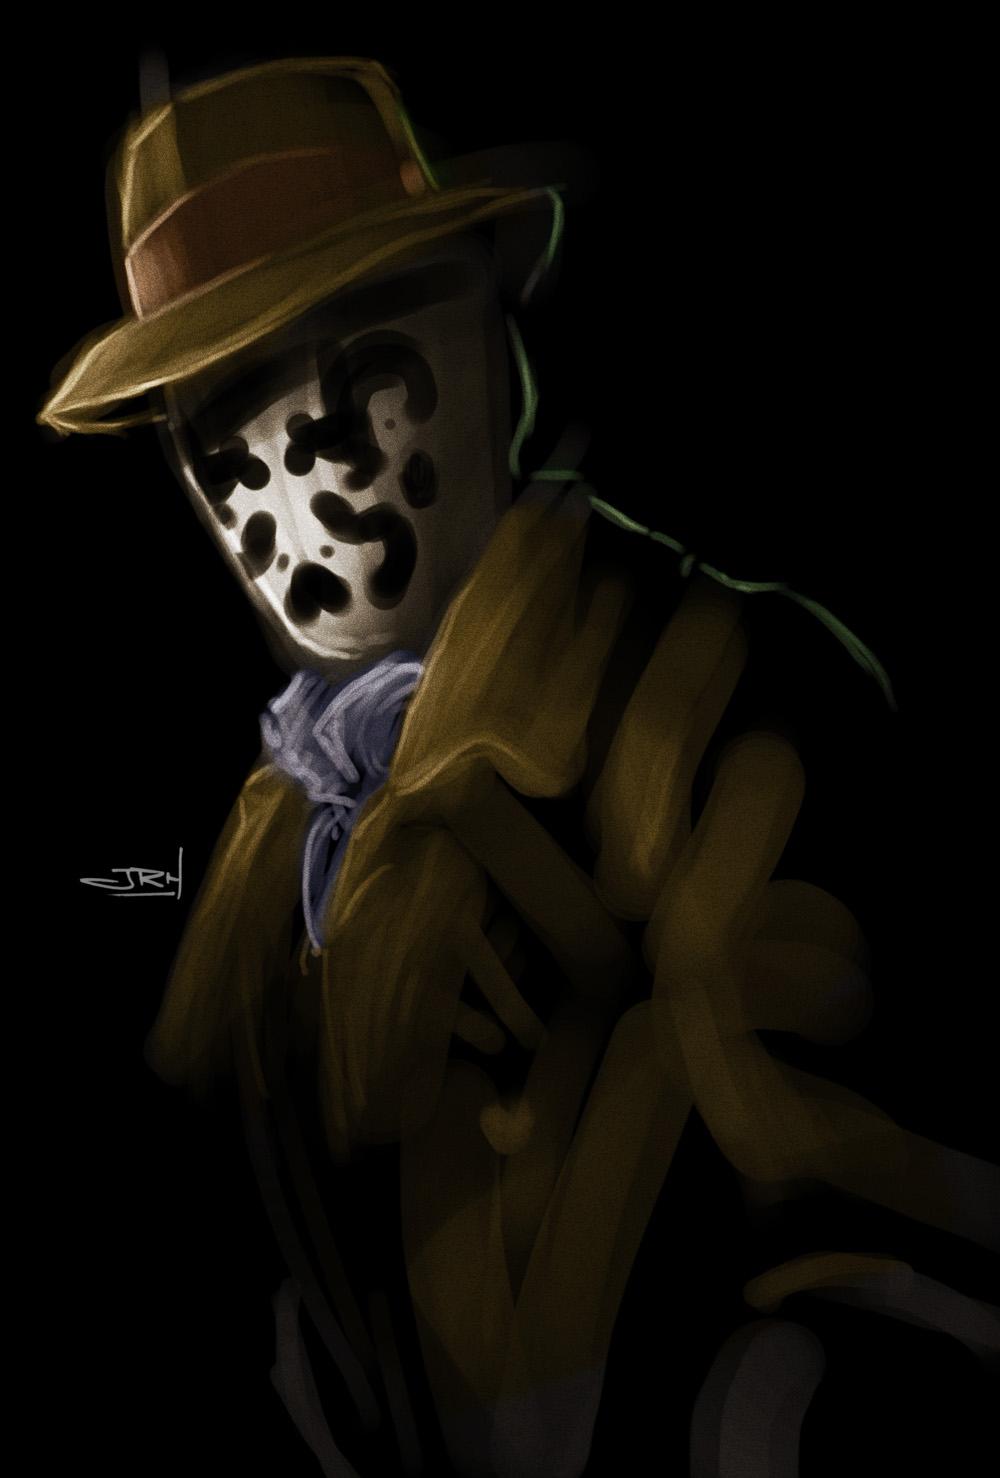 Rorschach by OrcaDesignStudios